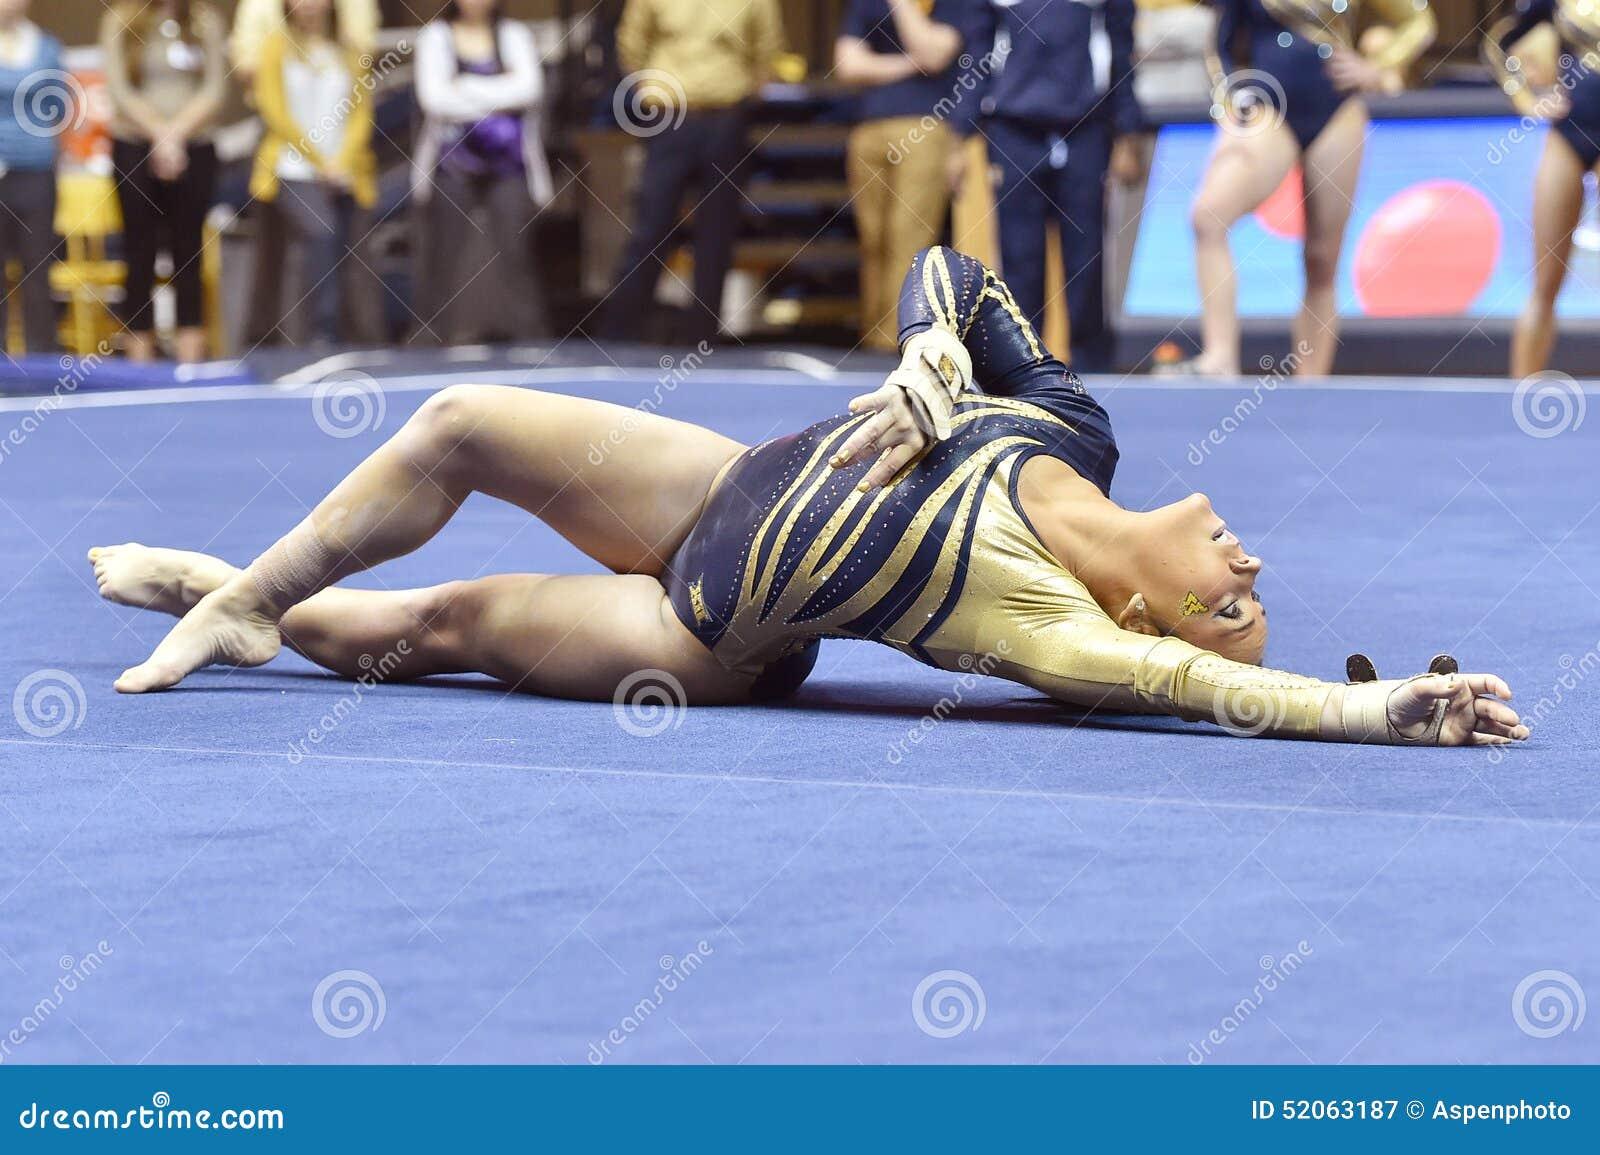 orlando gymnastics meet march 2015